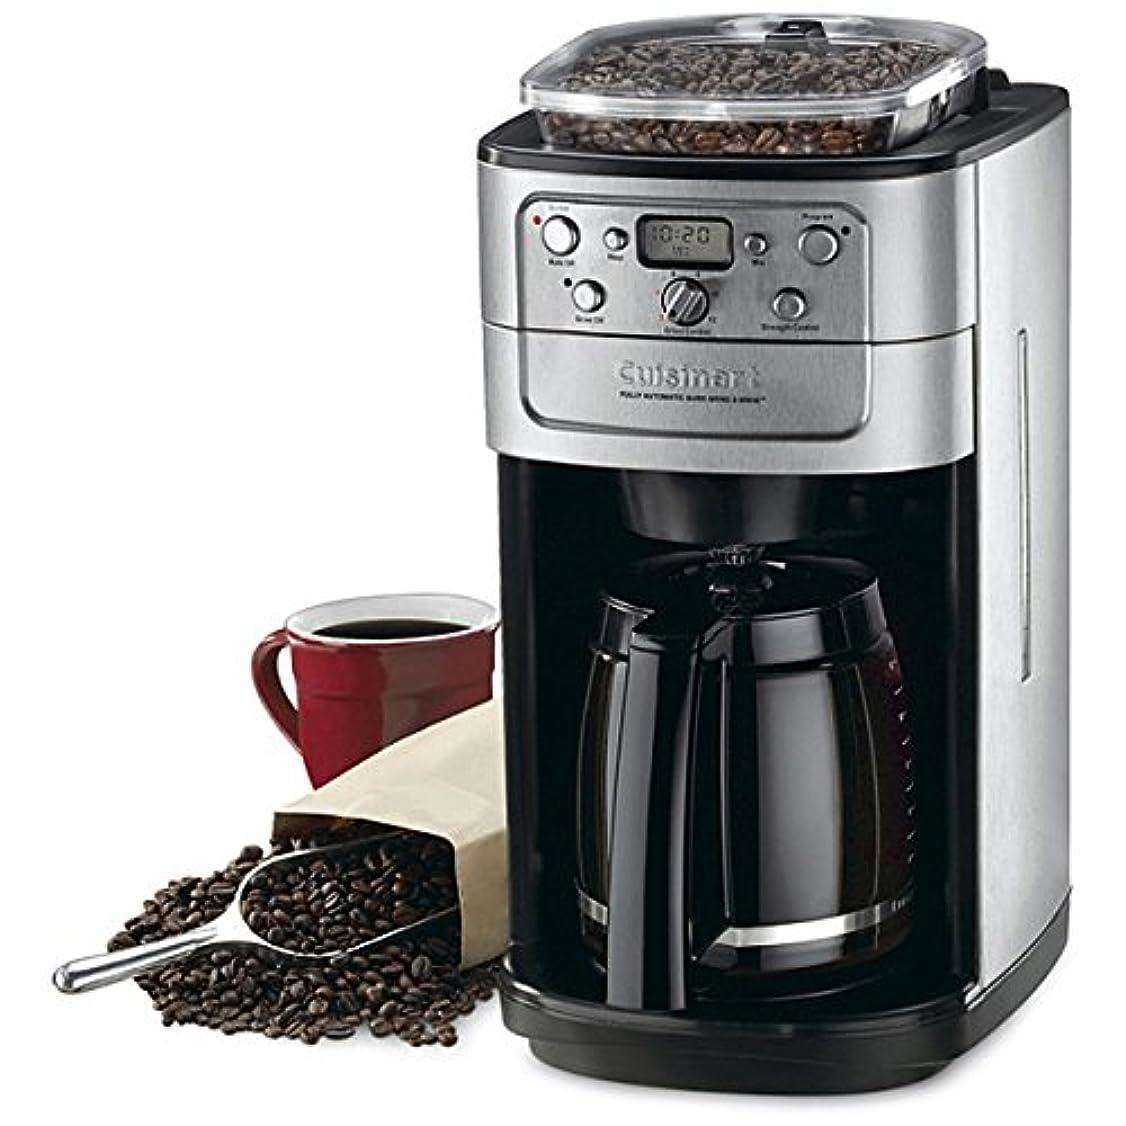 圧縮されたルーフ革新Cuisinart クイジナート コーヒーメーカー DGB-700BC  並行輸入品